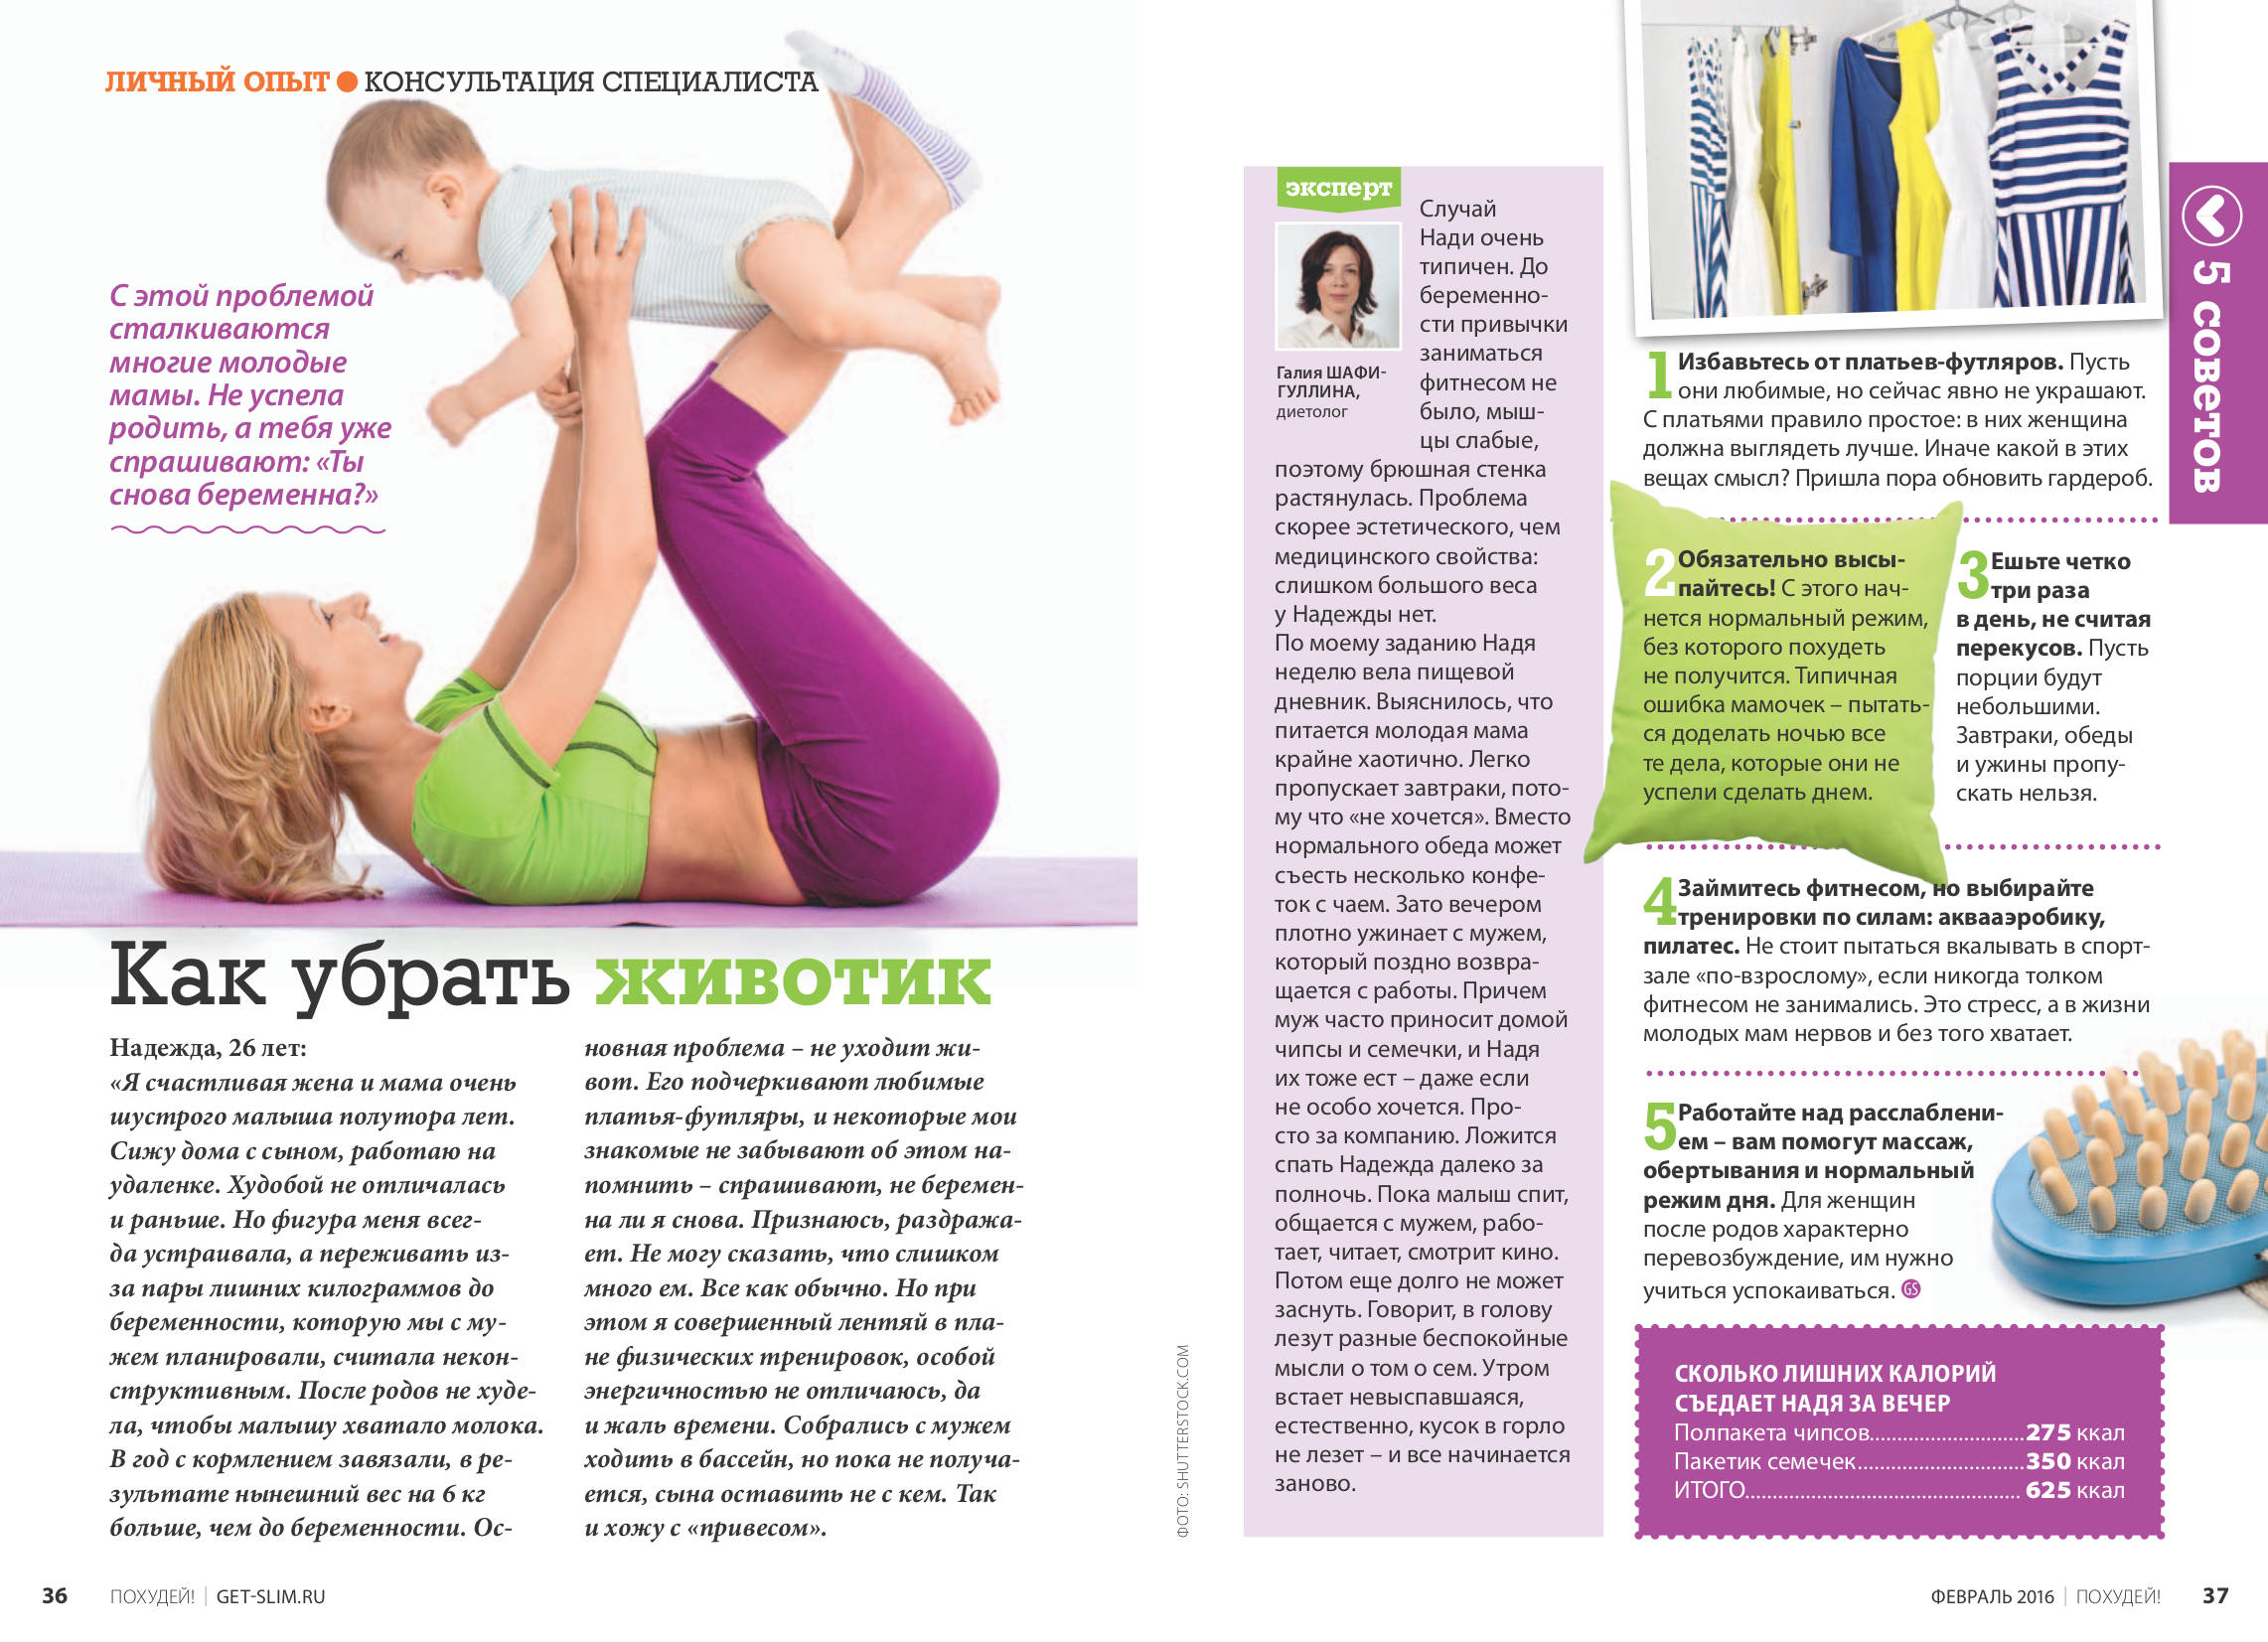 Как сбросить вес кормящей маме после родов